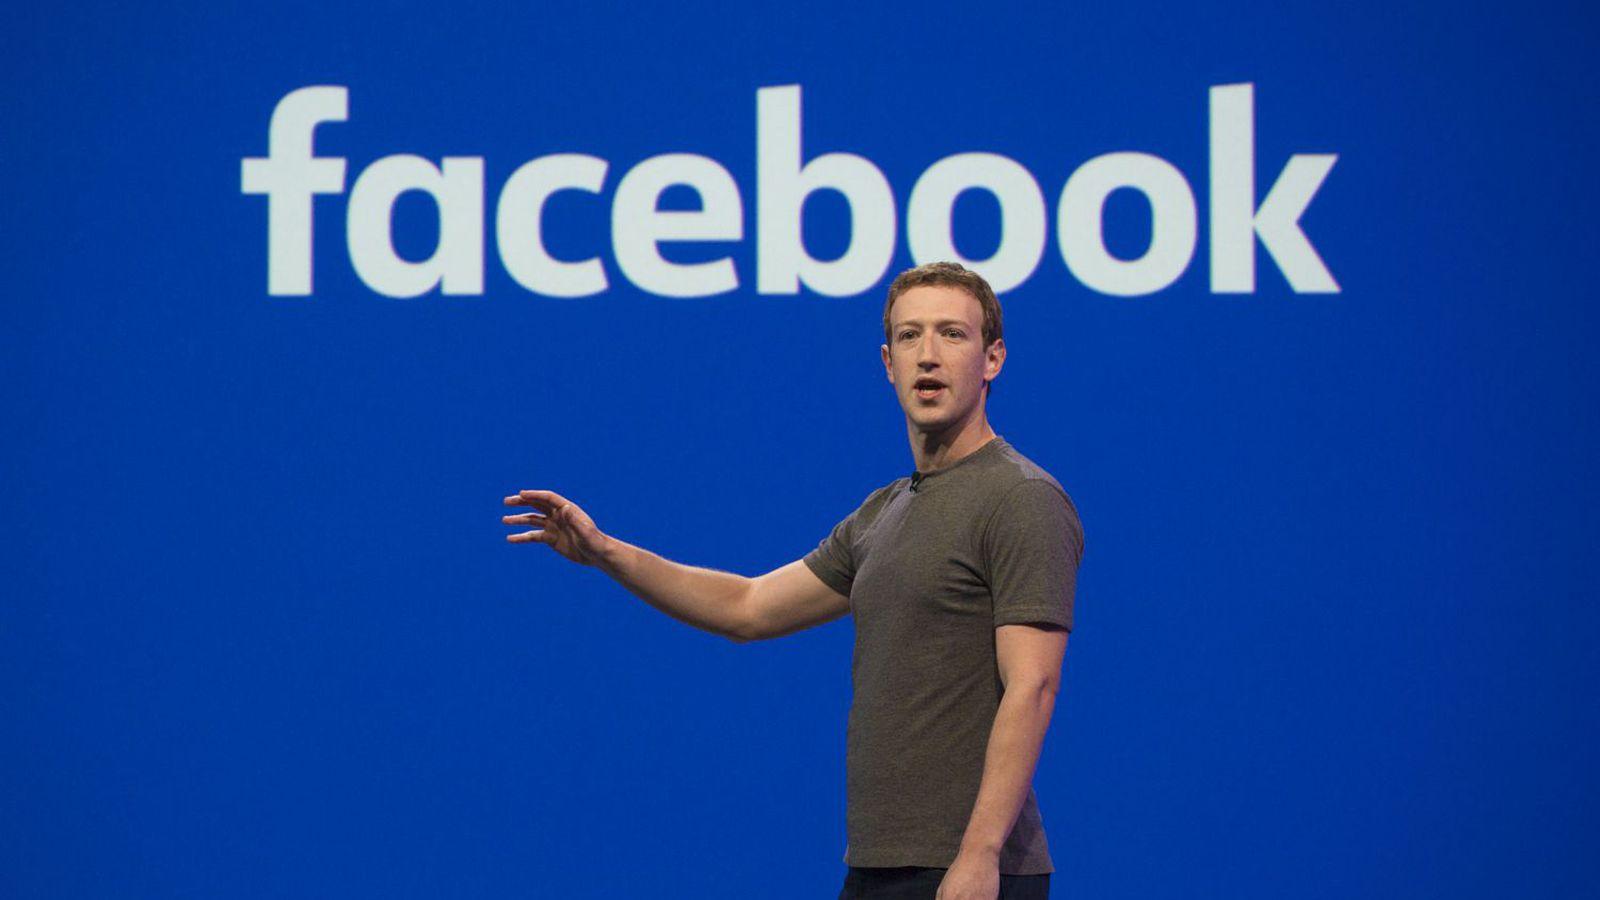 DECO avança com processo contra Facebook e reclama até 2.000 euros para cada utilizador português